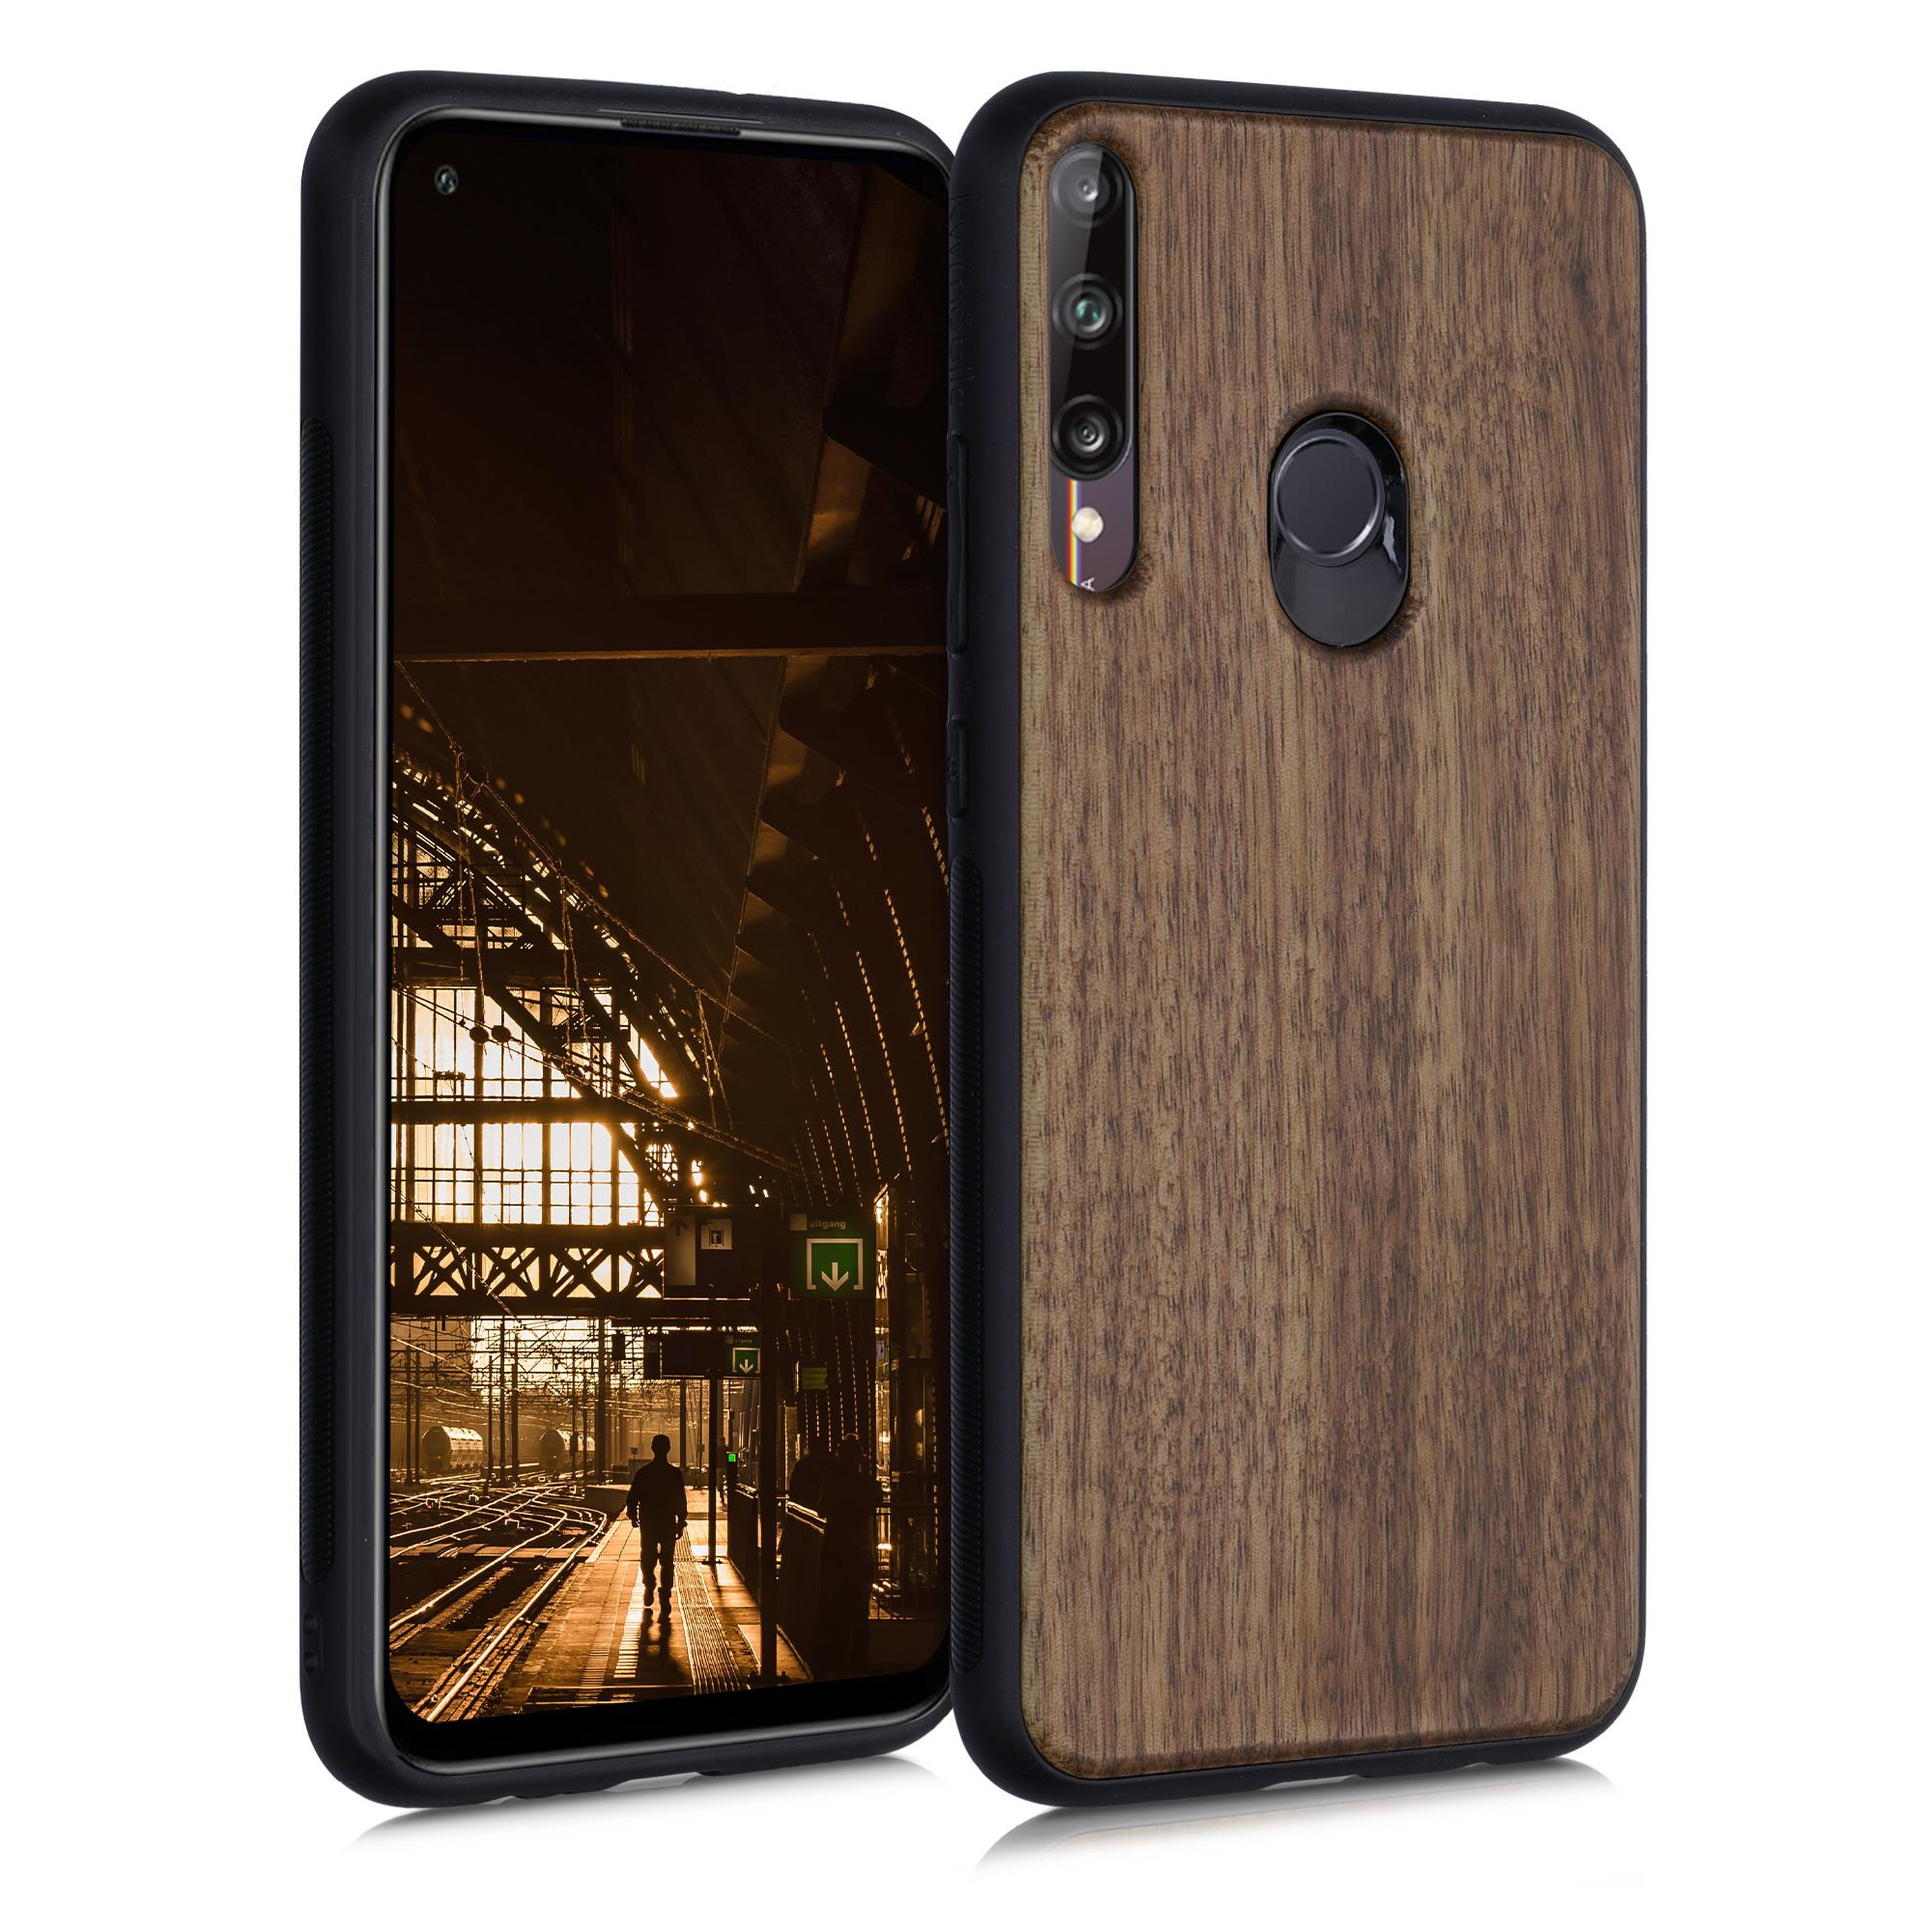 Dřevěné hnědé pouzdro / obal pro Huawei P40 Lite E